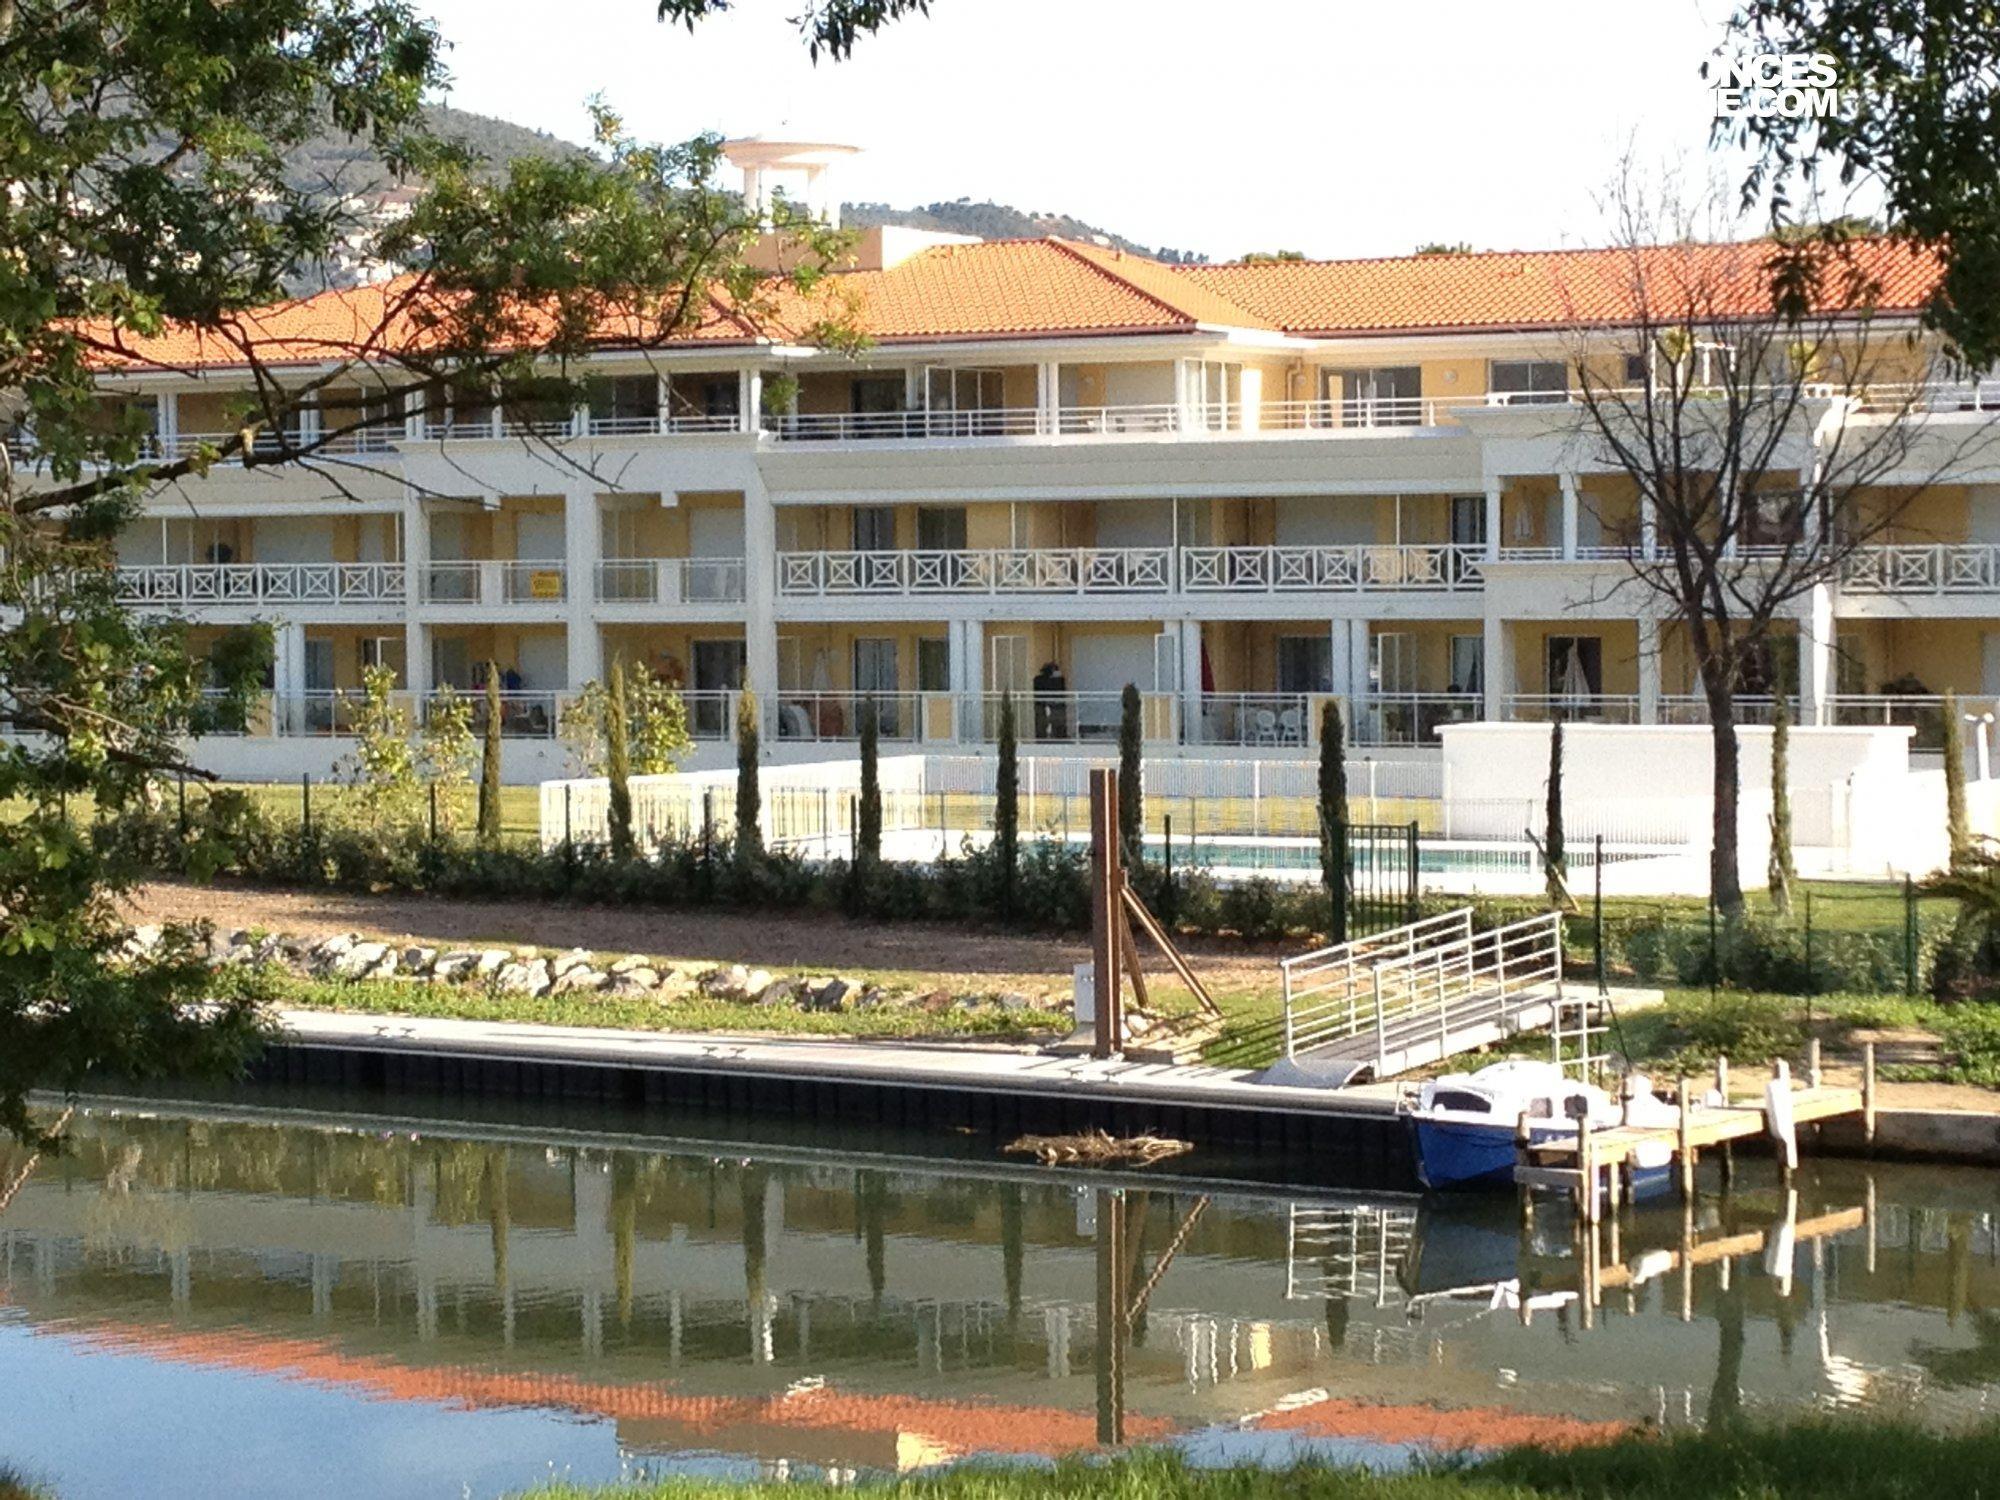 Ponton La Louisiane - Mandelieu